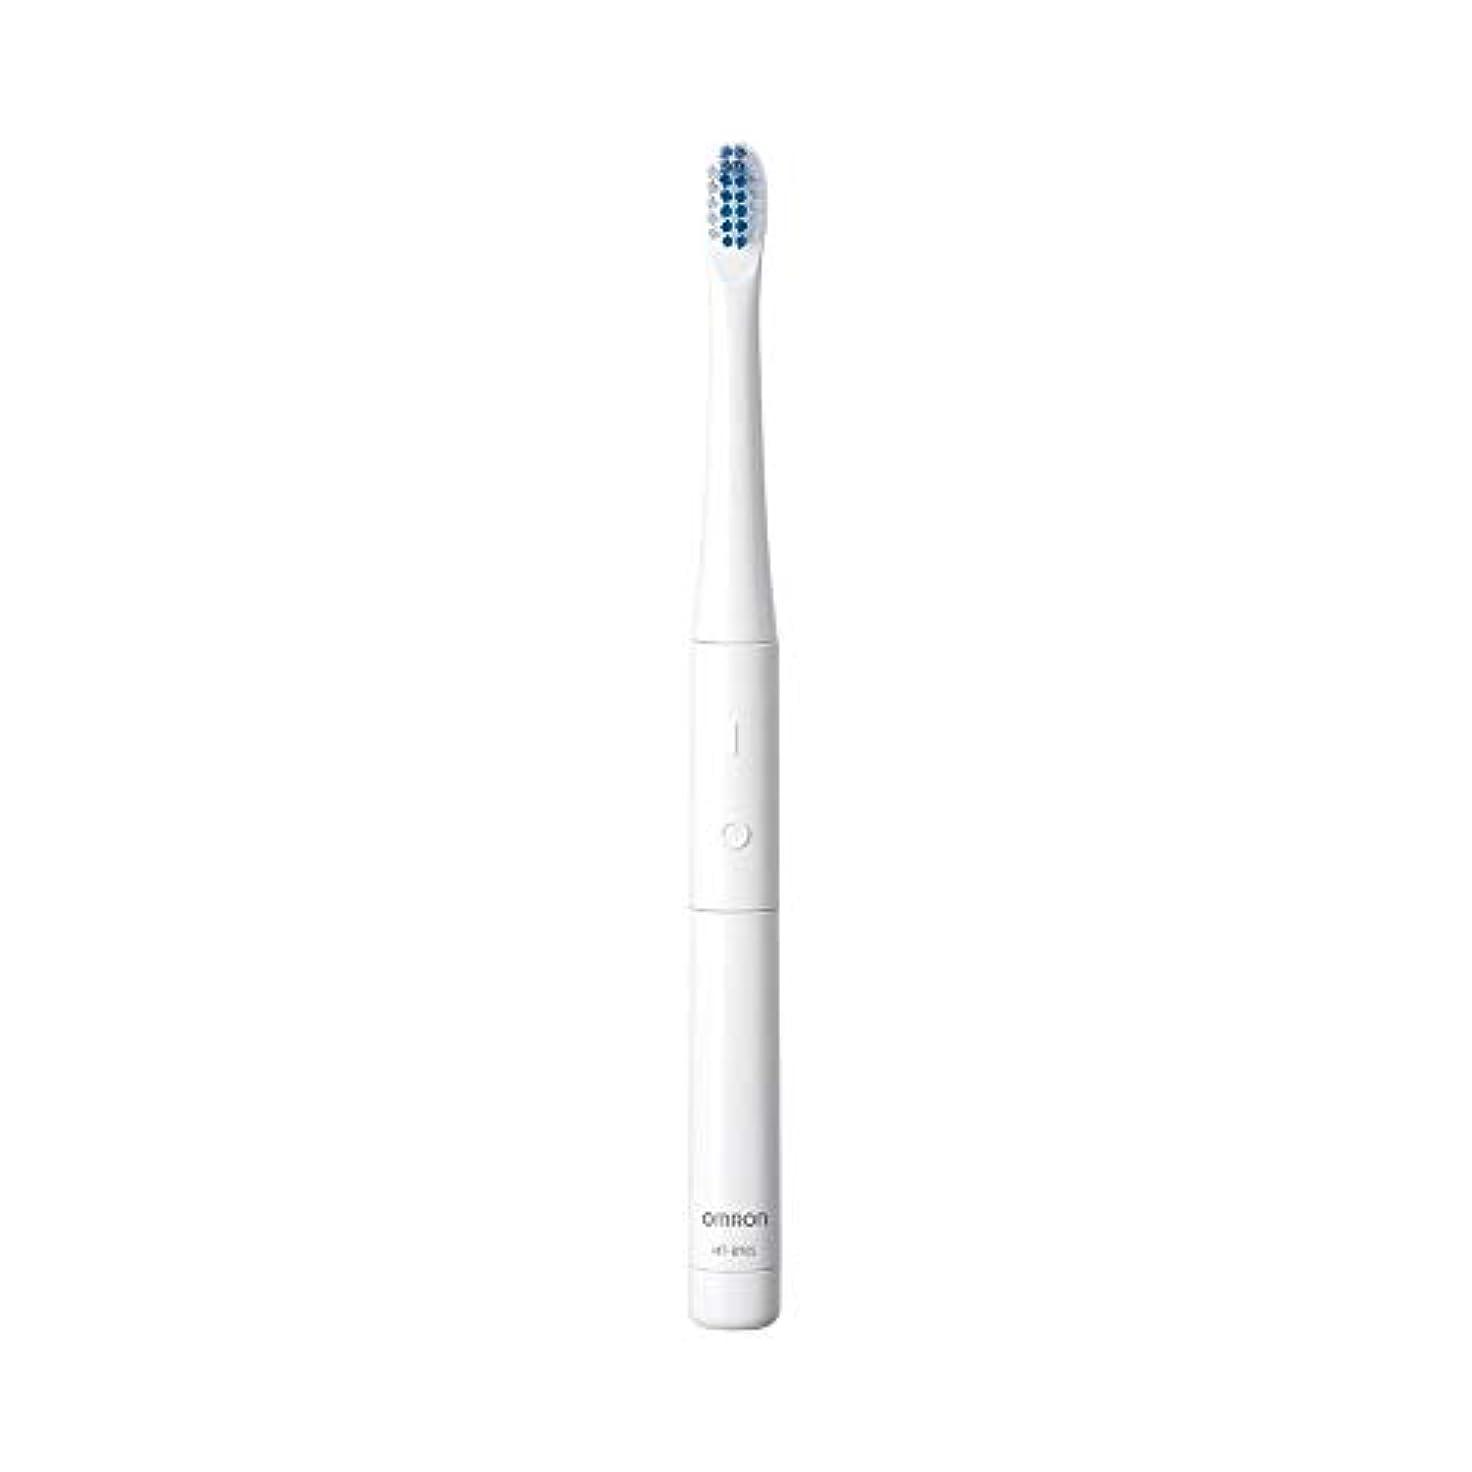 劇作家終わりに向けて出発Omron オムロン 音波式電動歯ブラシ HT-B905-W 電動歯ブラシ